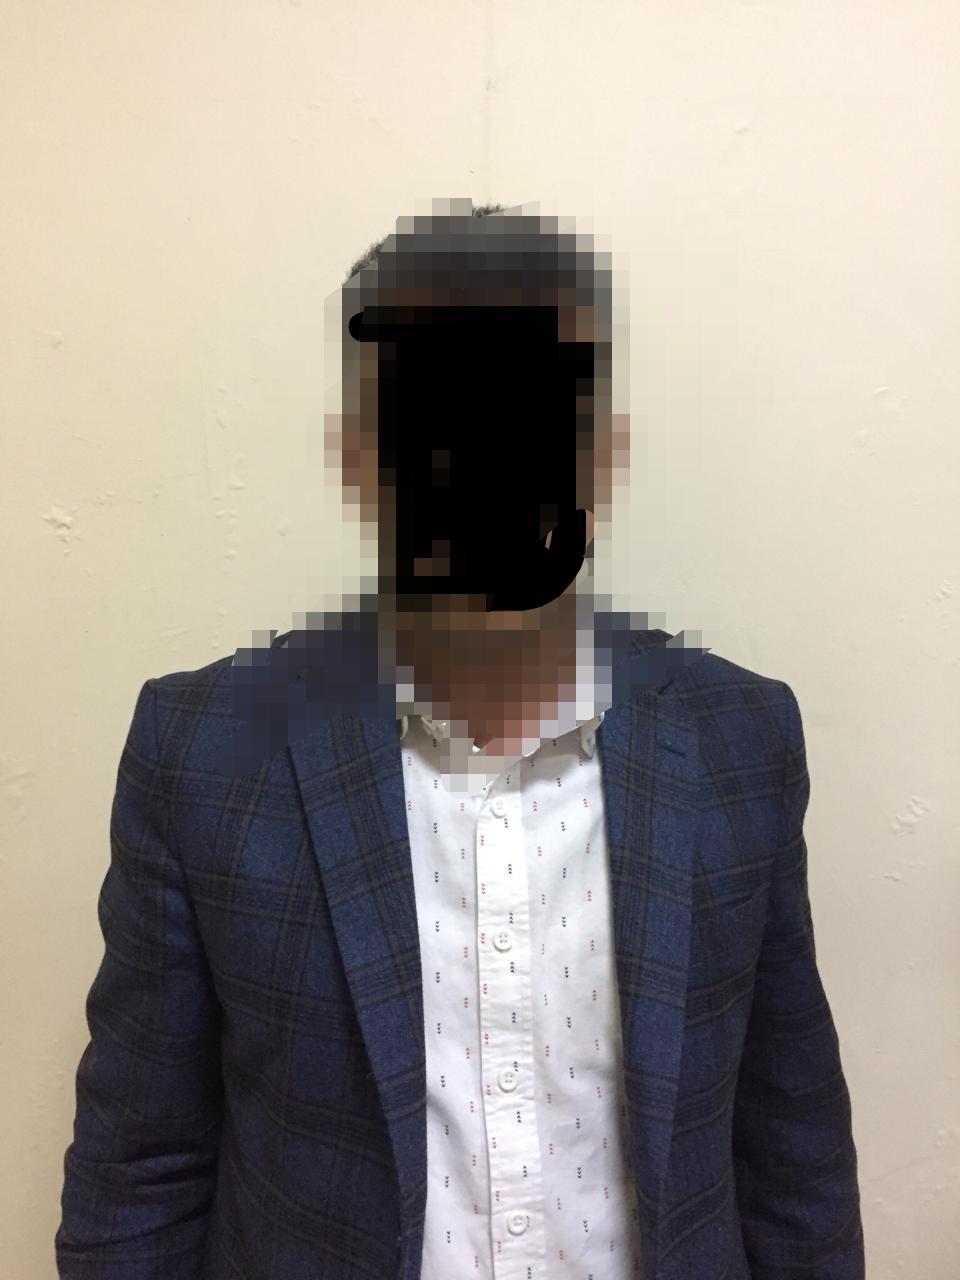 اعتقال نصاب يعمل بمكتب وزير سابق داخل مبنى احدى الوزرات